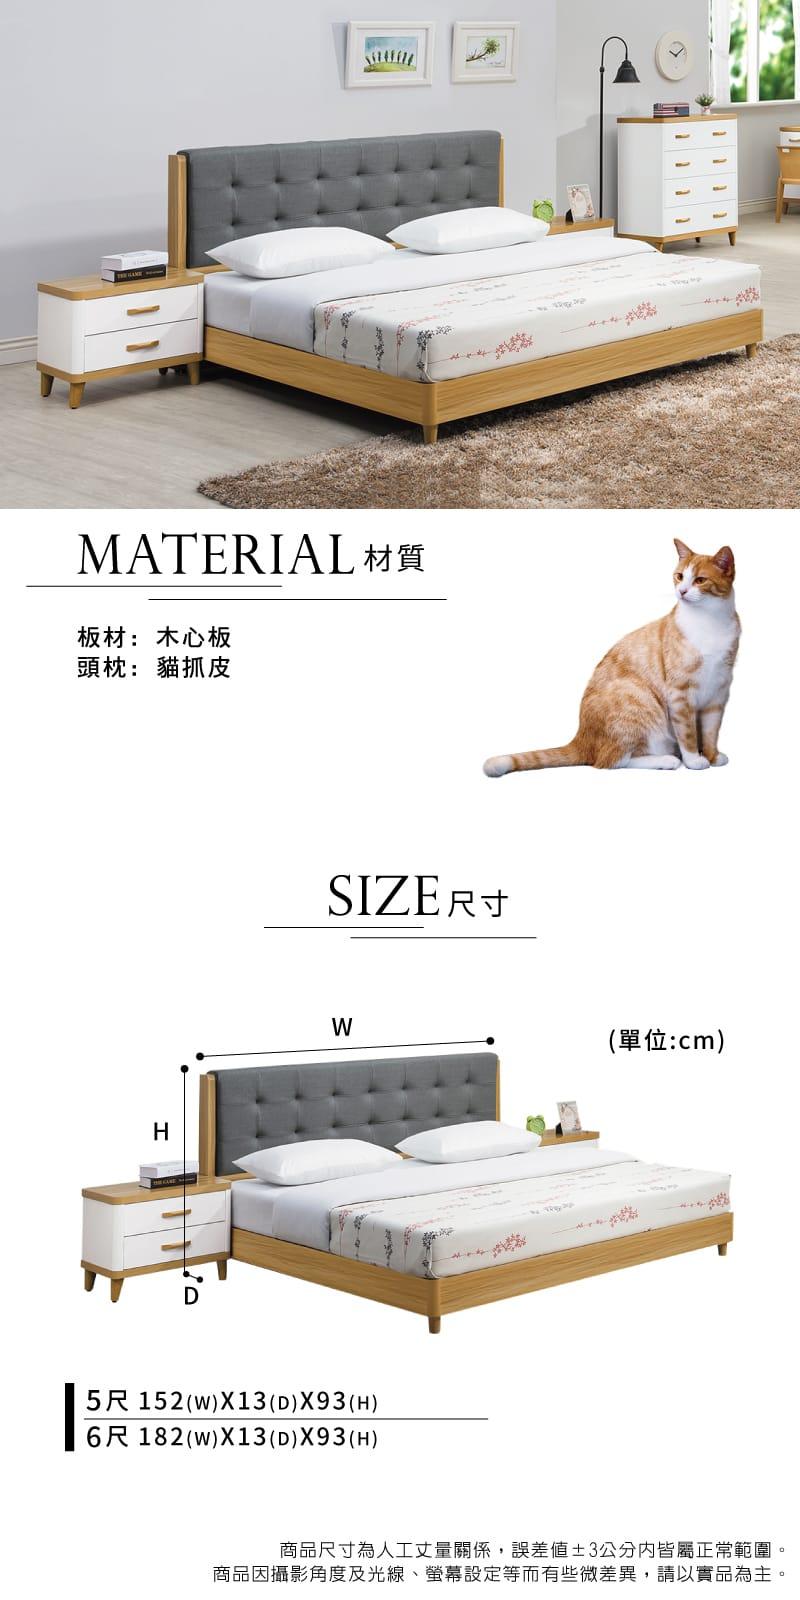 貓抓皮床頭片 雙人加大6尺【寶格麗】